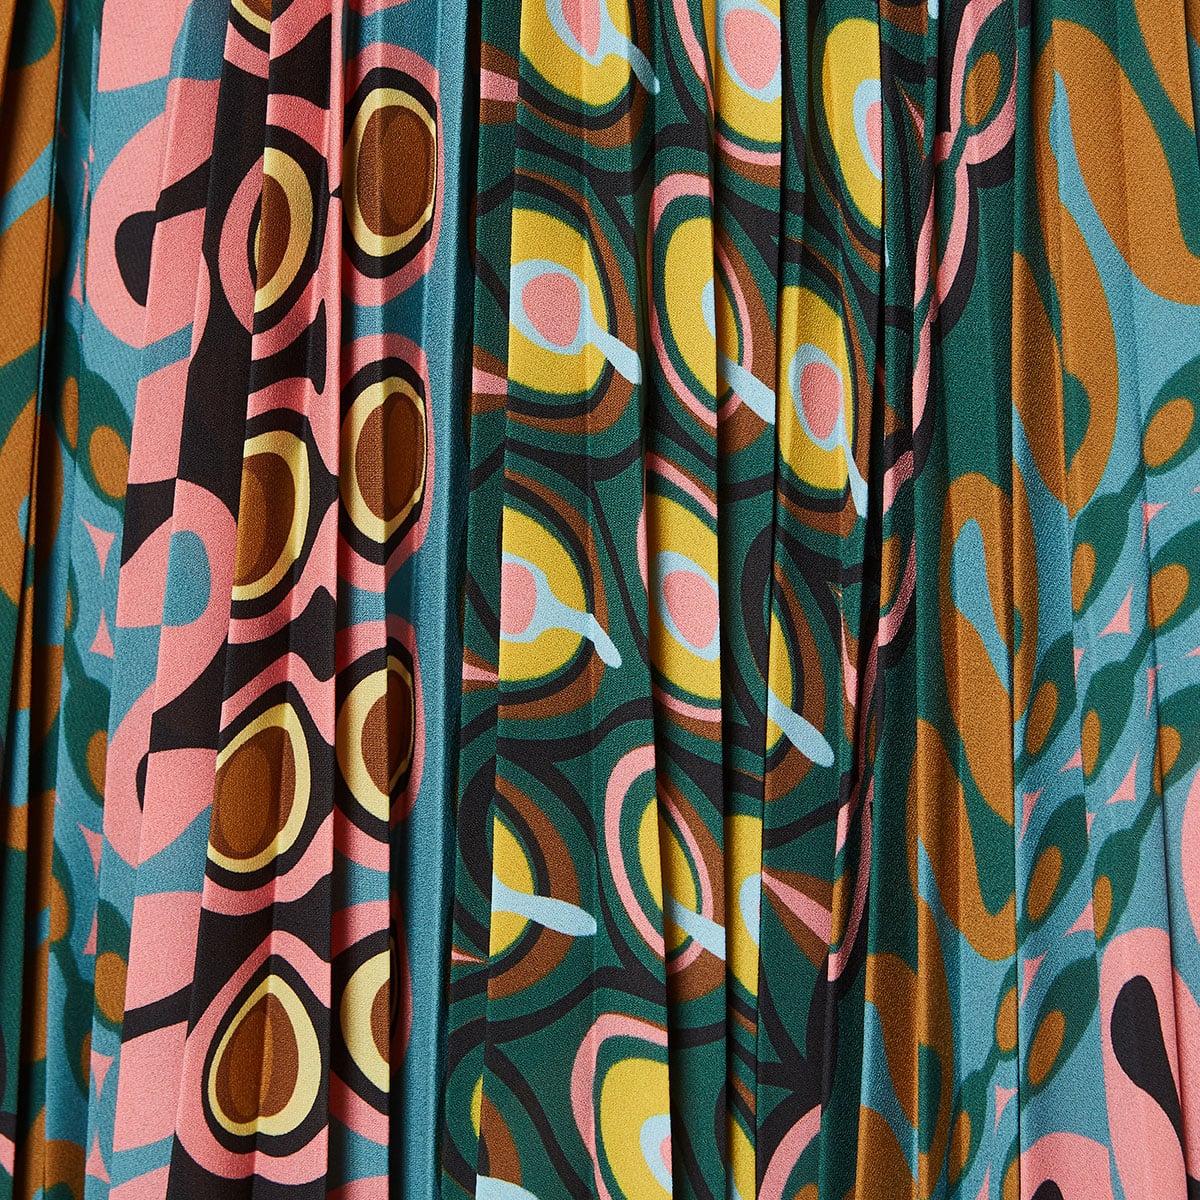 Soleil printed pleated skirt